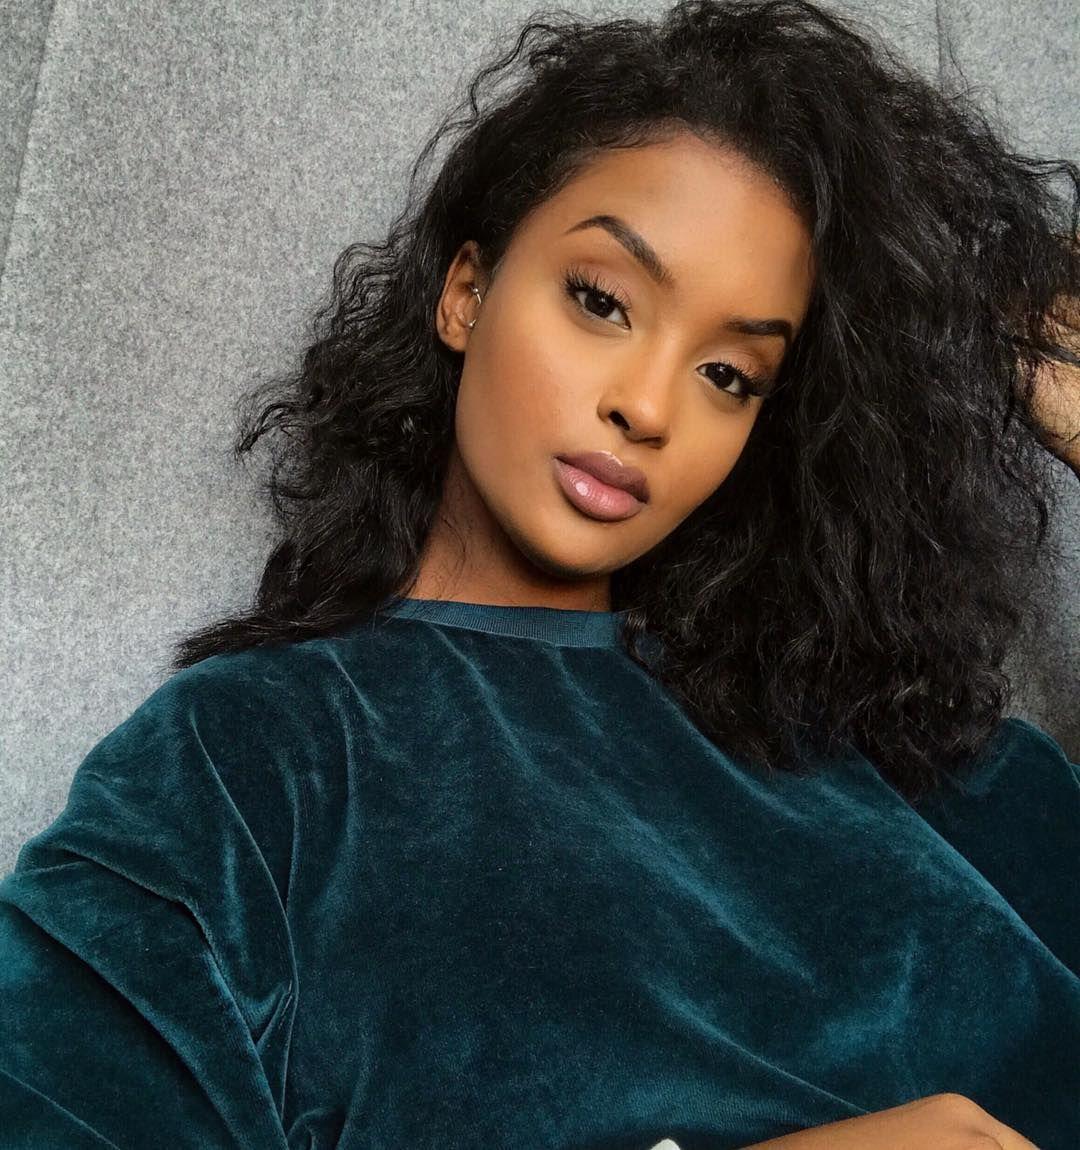 African Beauty: Black Beauty Women, Beautiful